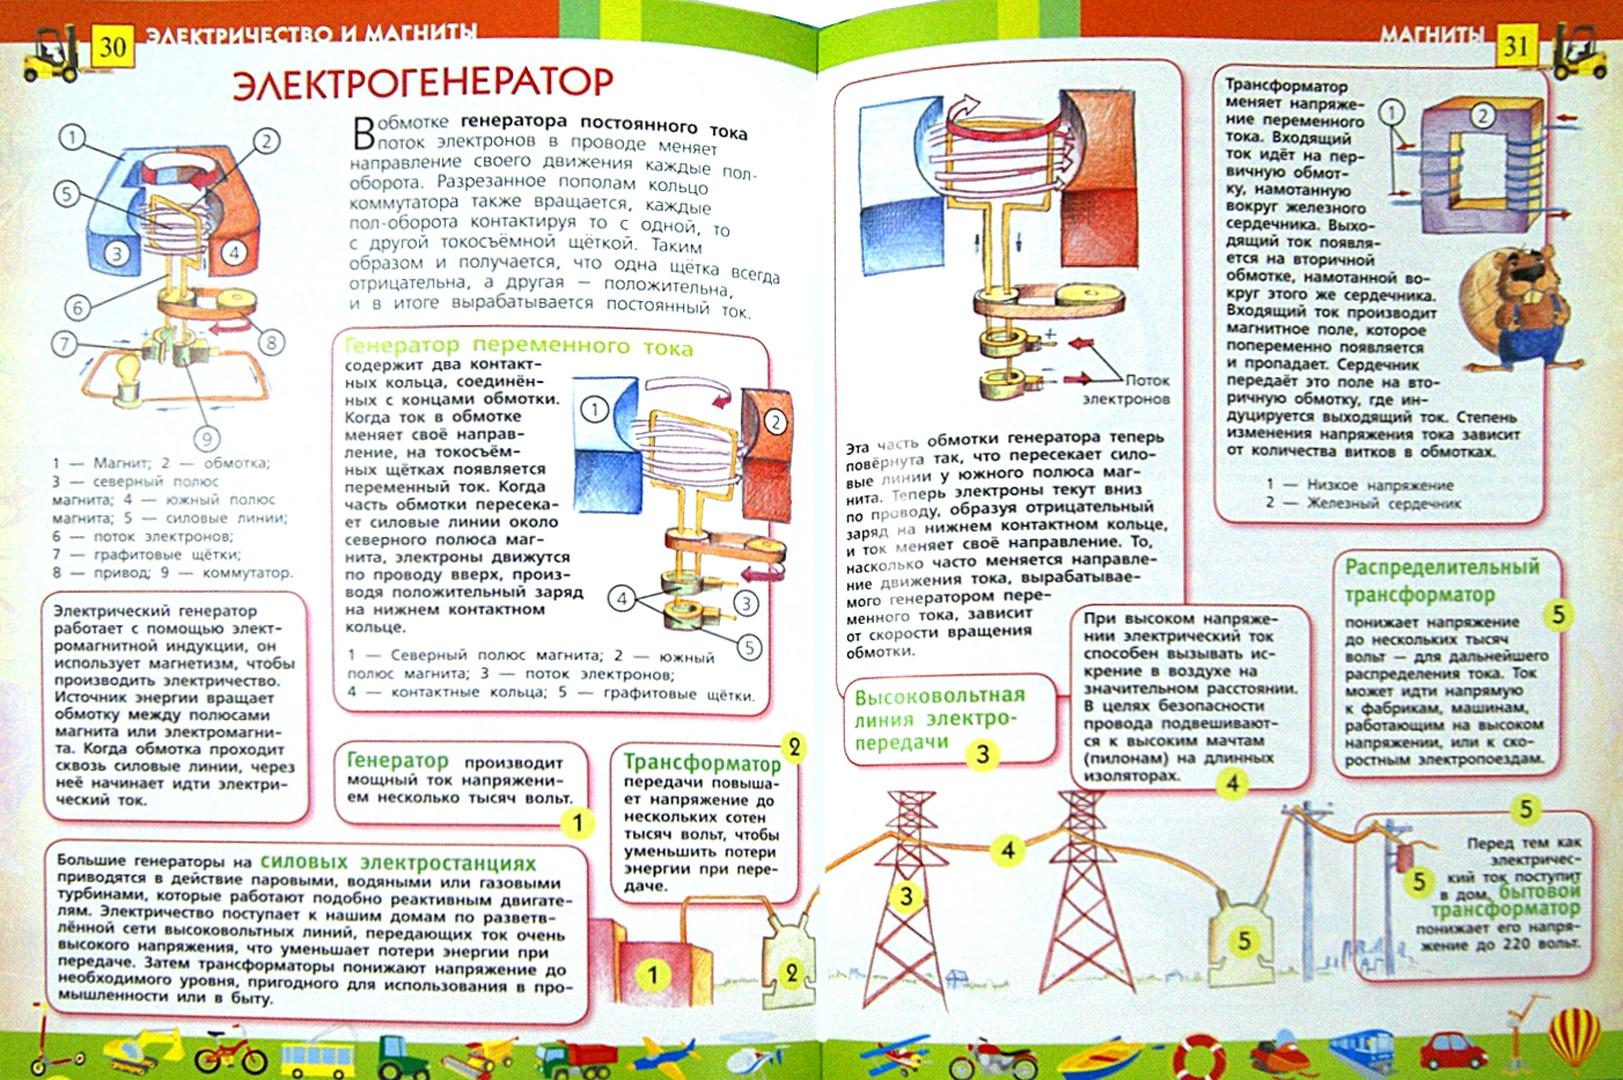 Иллюстрация 1 из 21 для Электричество и магниты | Лабиринт - книги. Источник: Лабиринт